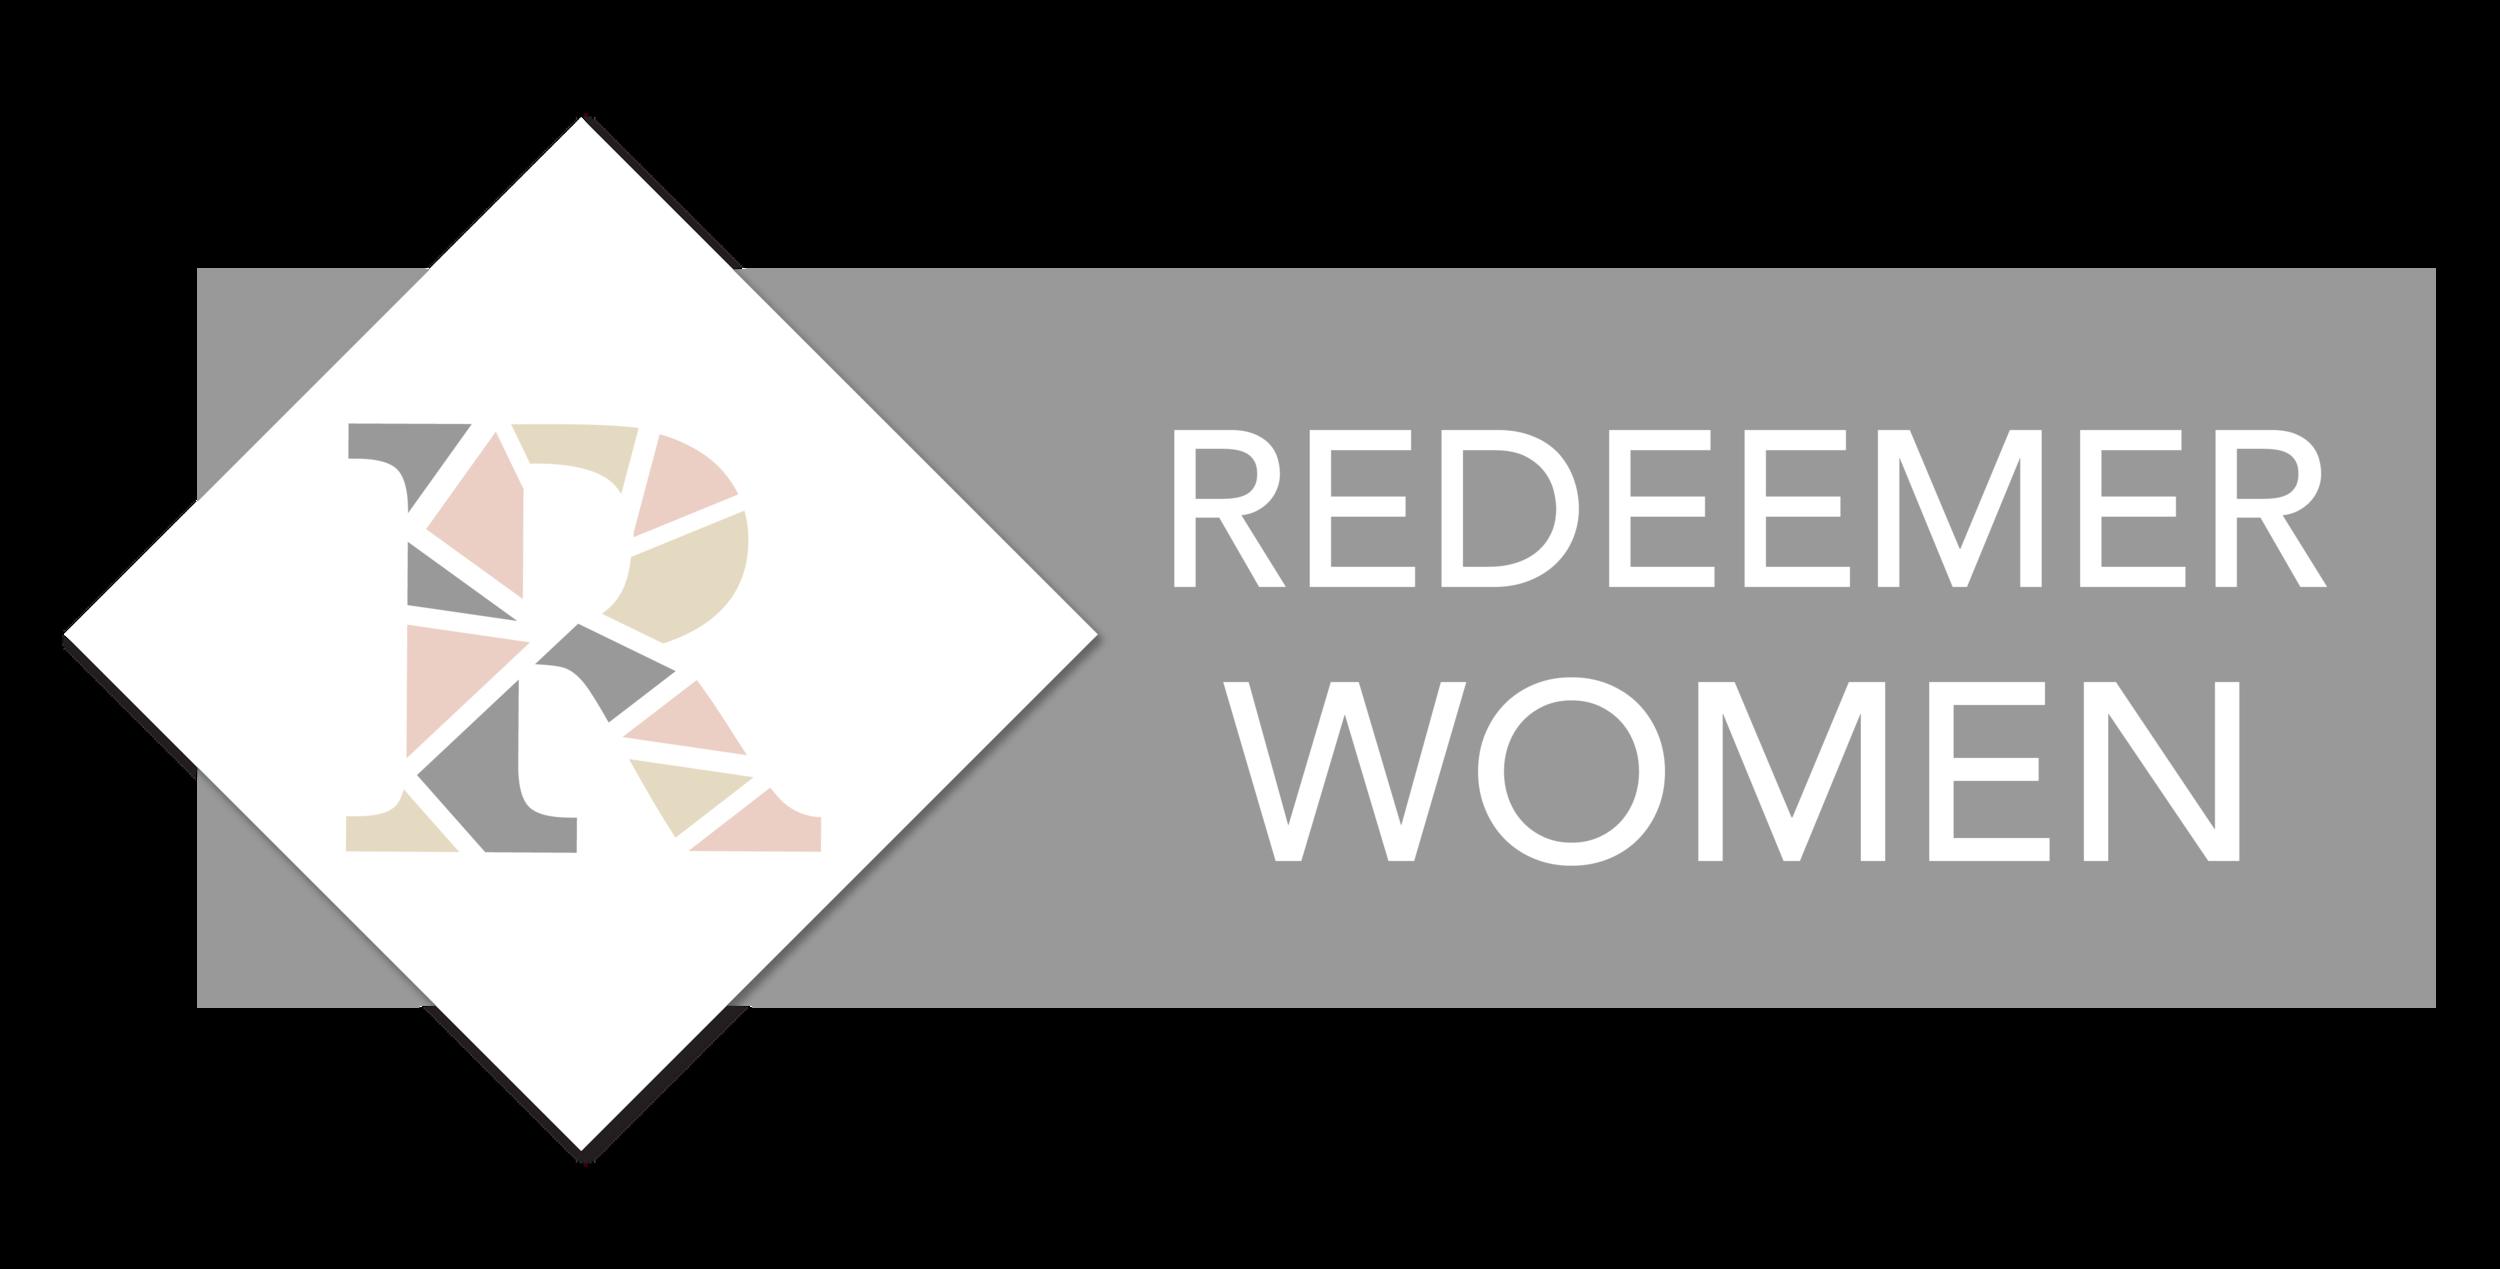 Redeemer Women